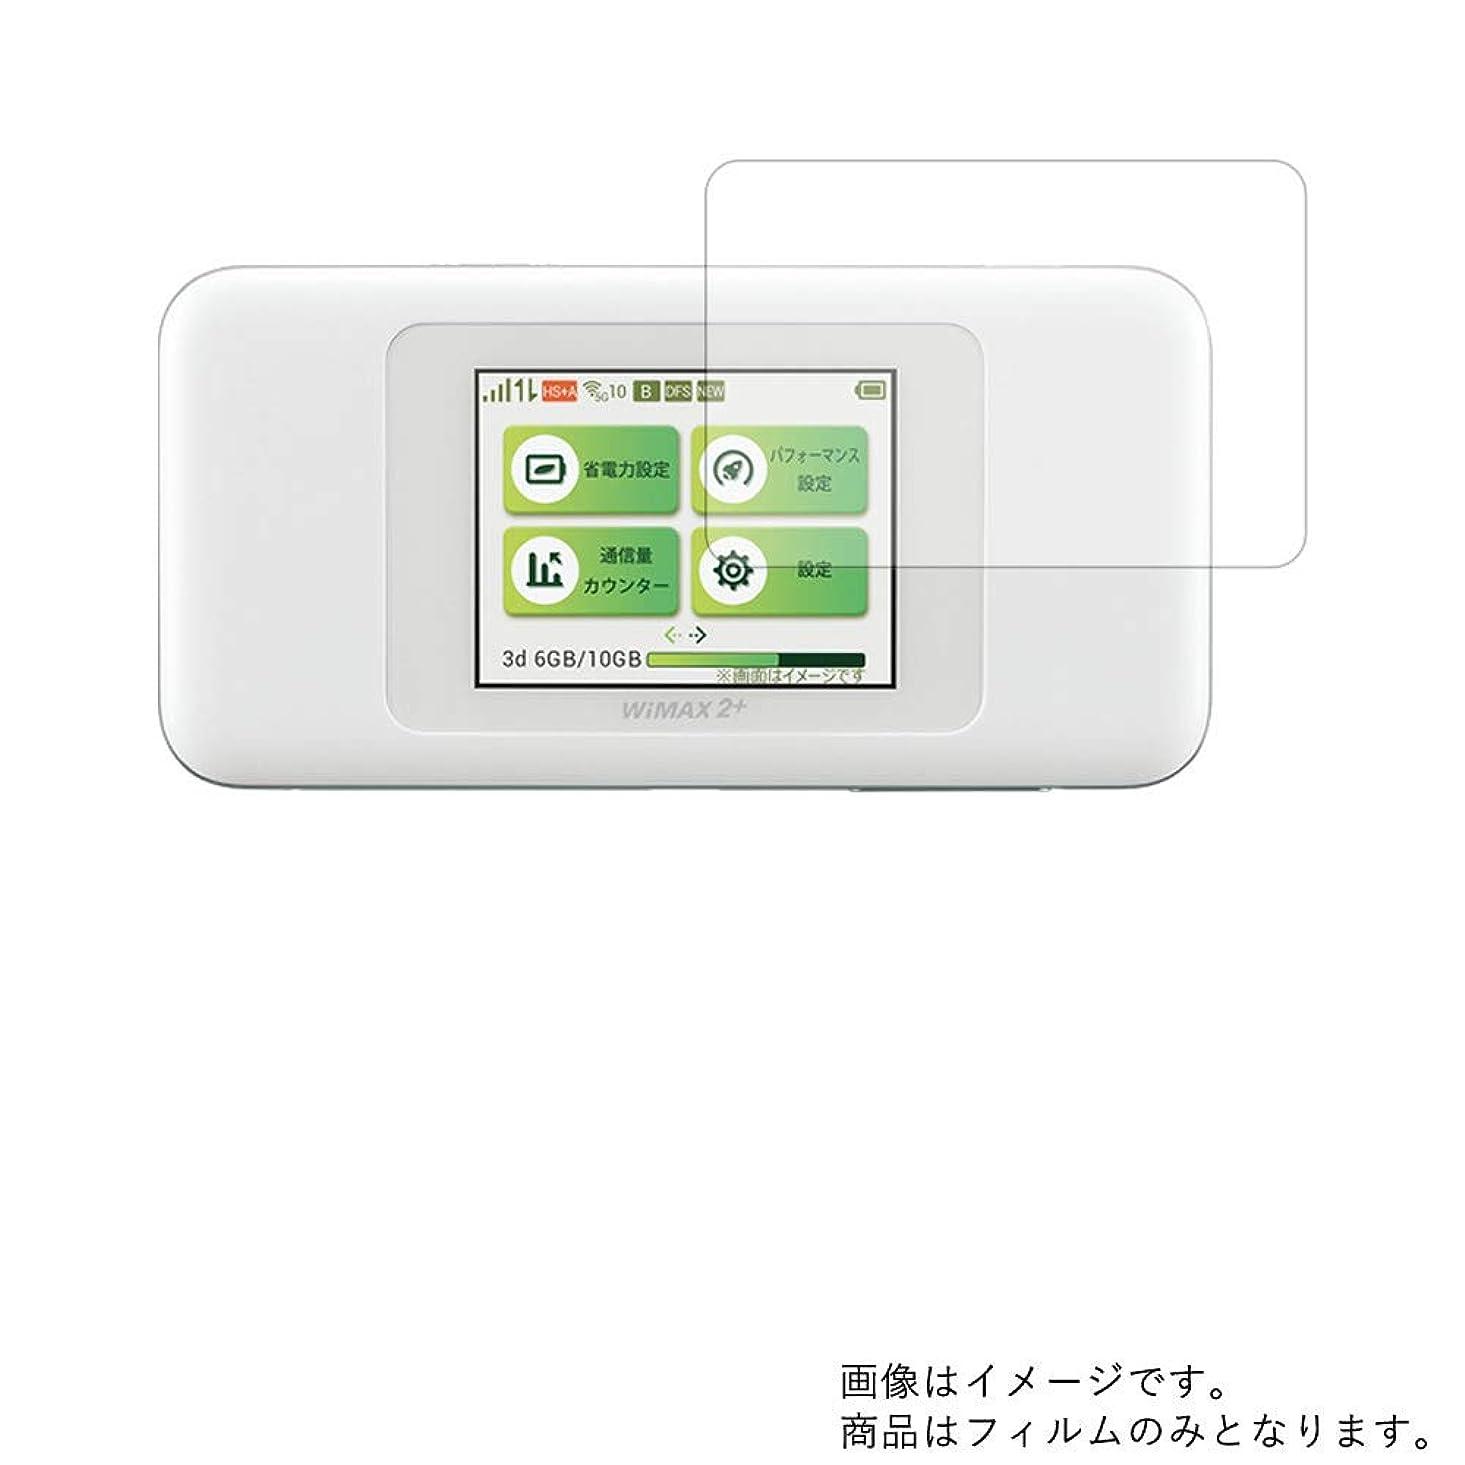 呼びかける縫い目教養があるHUAWEI Speed Wi-Fi NEXT W06 用【高硬度9Hアンチグレアタイプ】液晶保護フィルム 反射防止!高硬度9Hフィルム